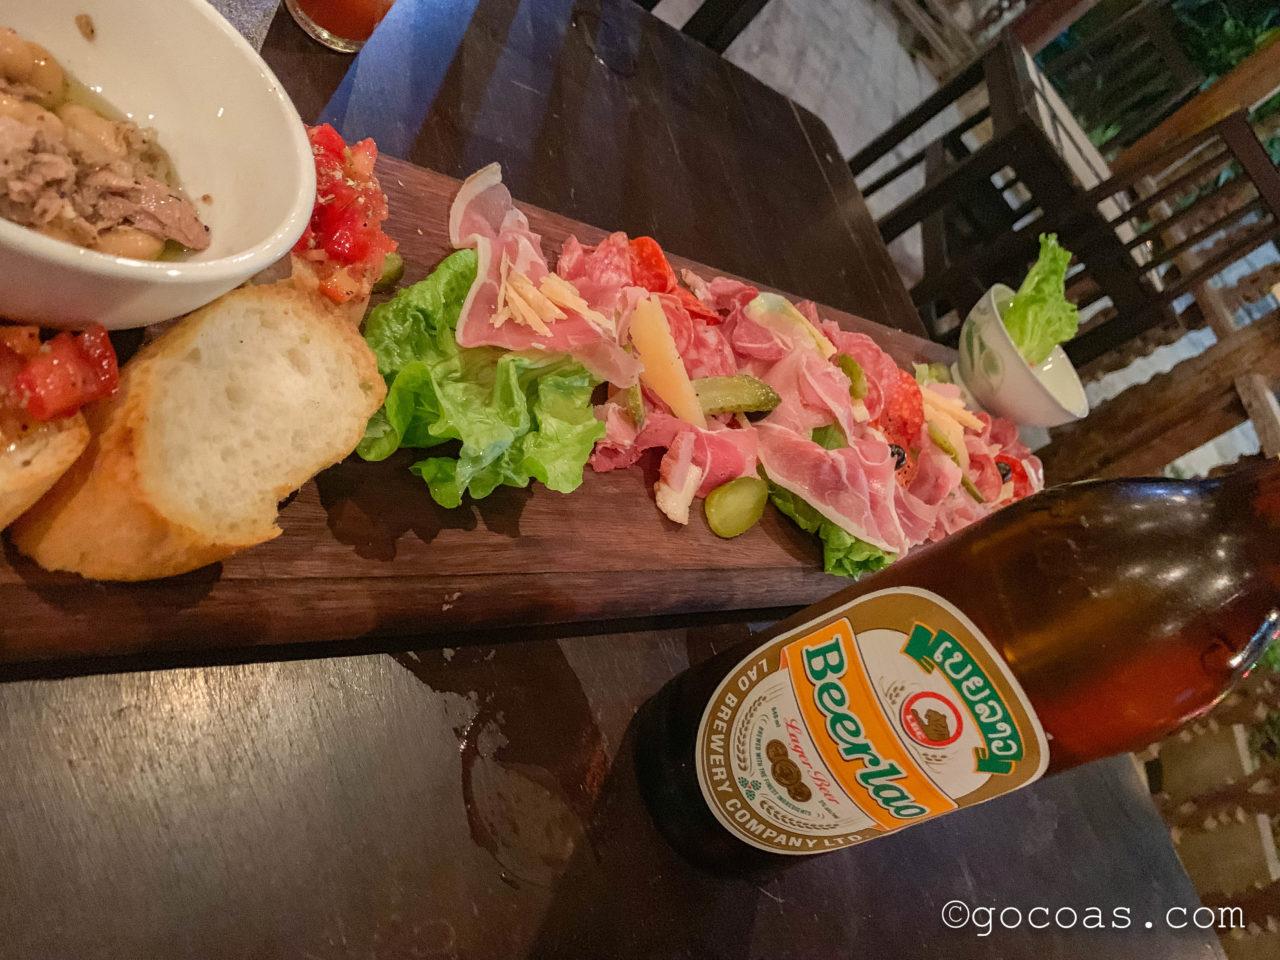 L'isola dei Nuraghiで食べた大きな生ハムプレートとビアラオの瓶